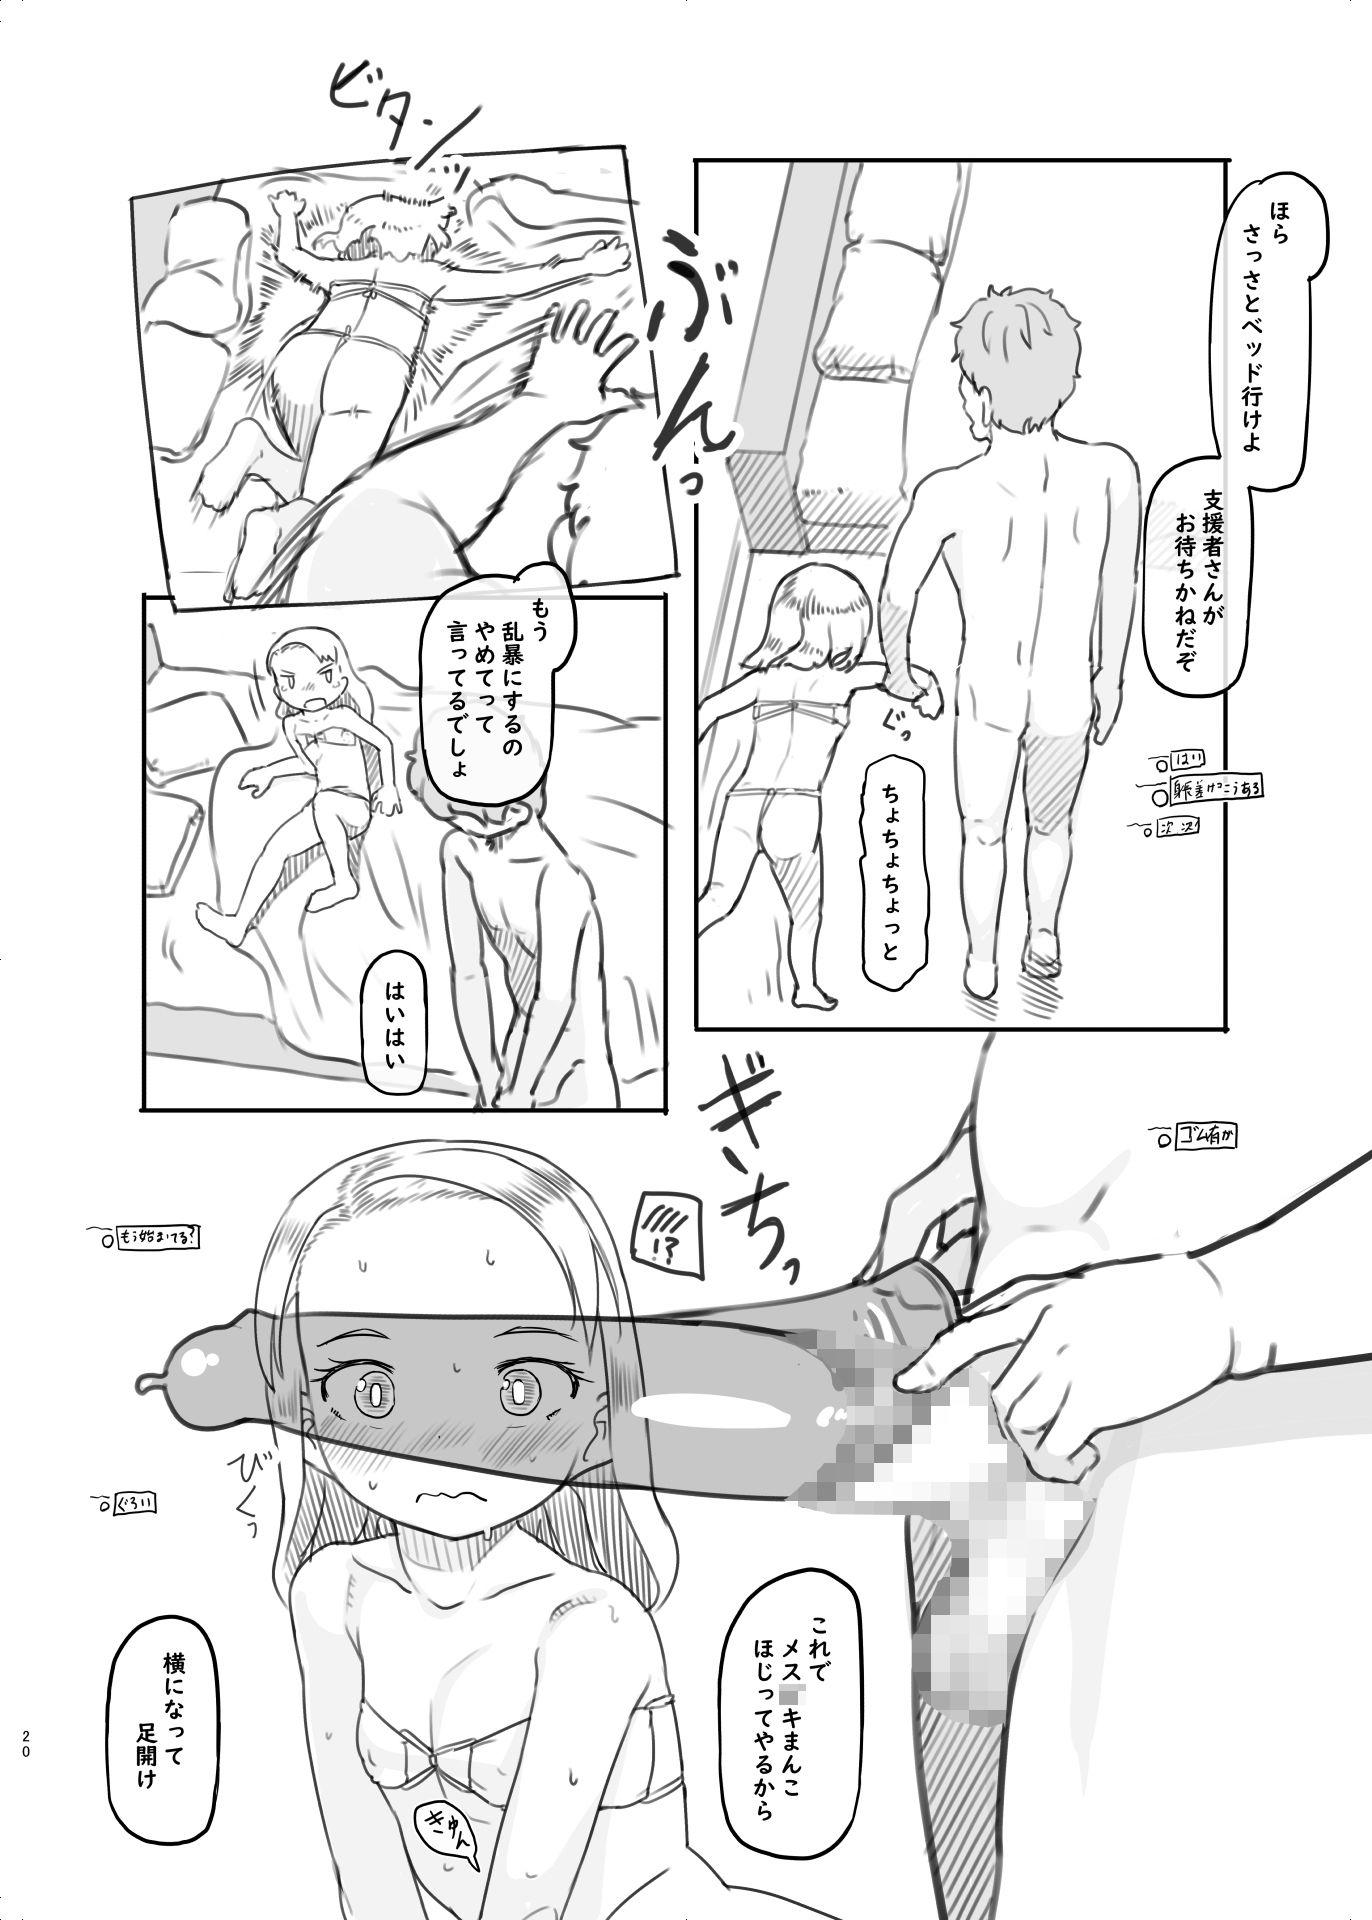 ありー★ちゃんねる20210620支援者限定プランなまえっち配信